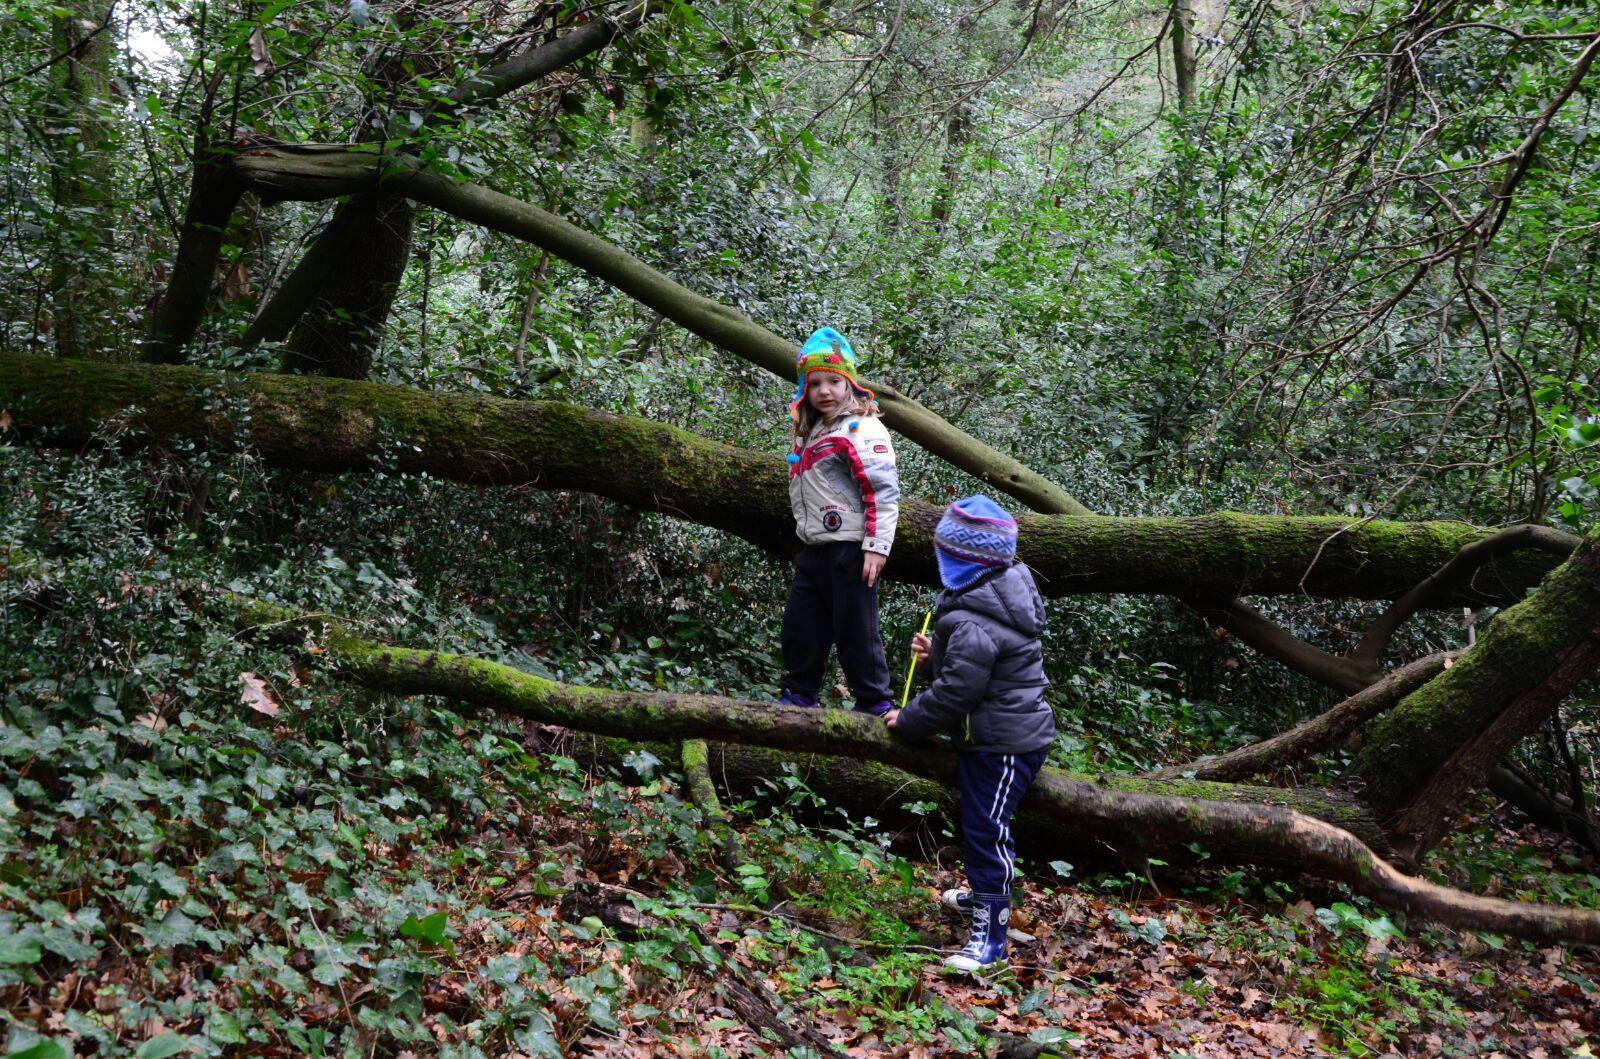 All'Asilo nel Bosco di Lanuvio i bambini hanno la possibilità di arrampicarsi e giocare all'aperto in sicurezza, ma liberi di sperimentare anche il rischio